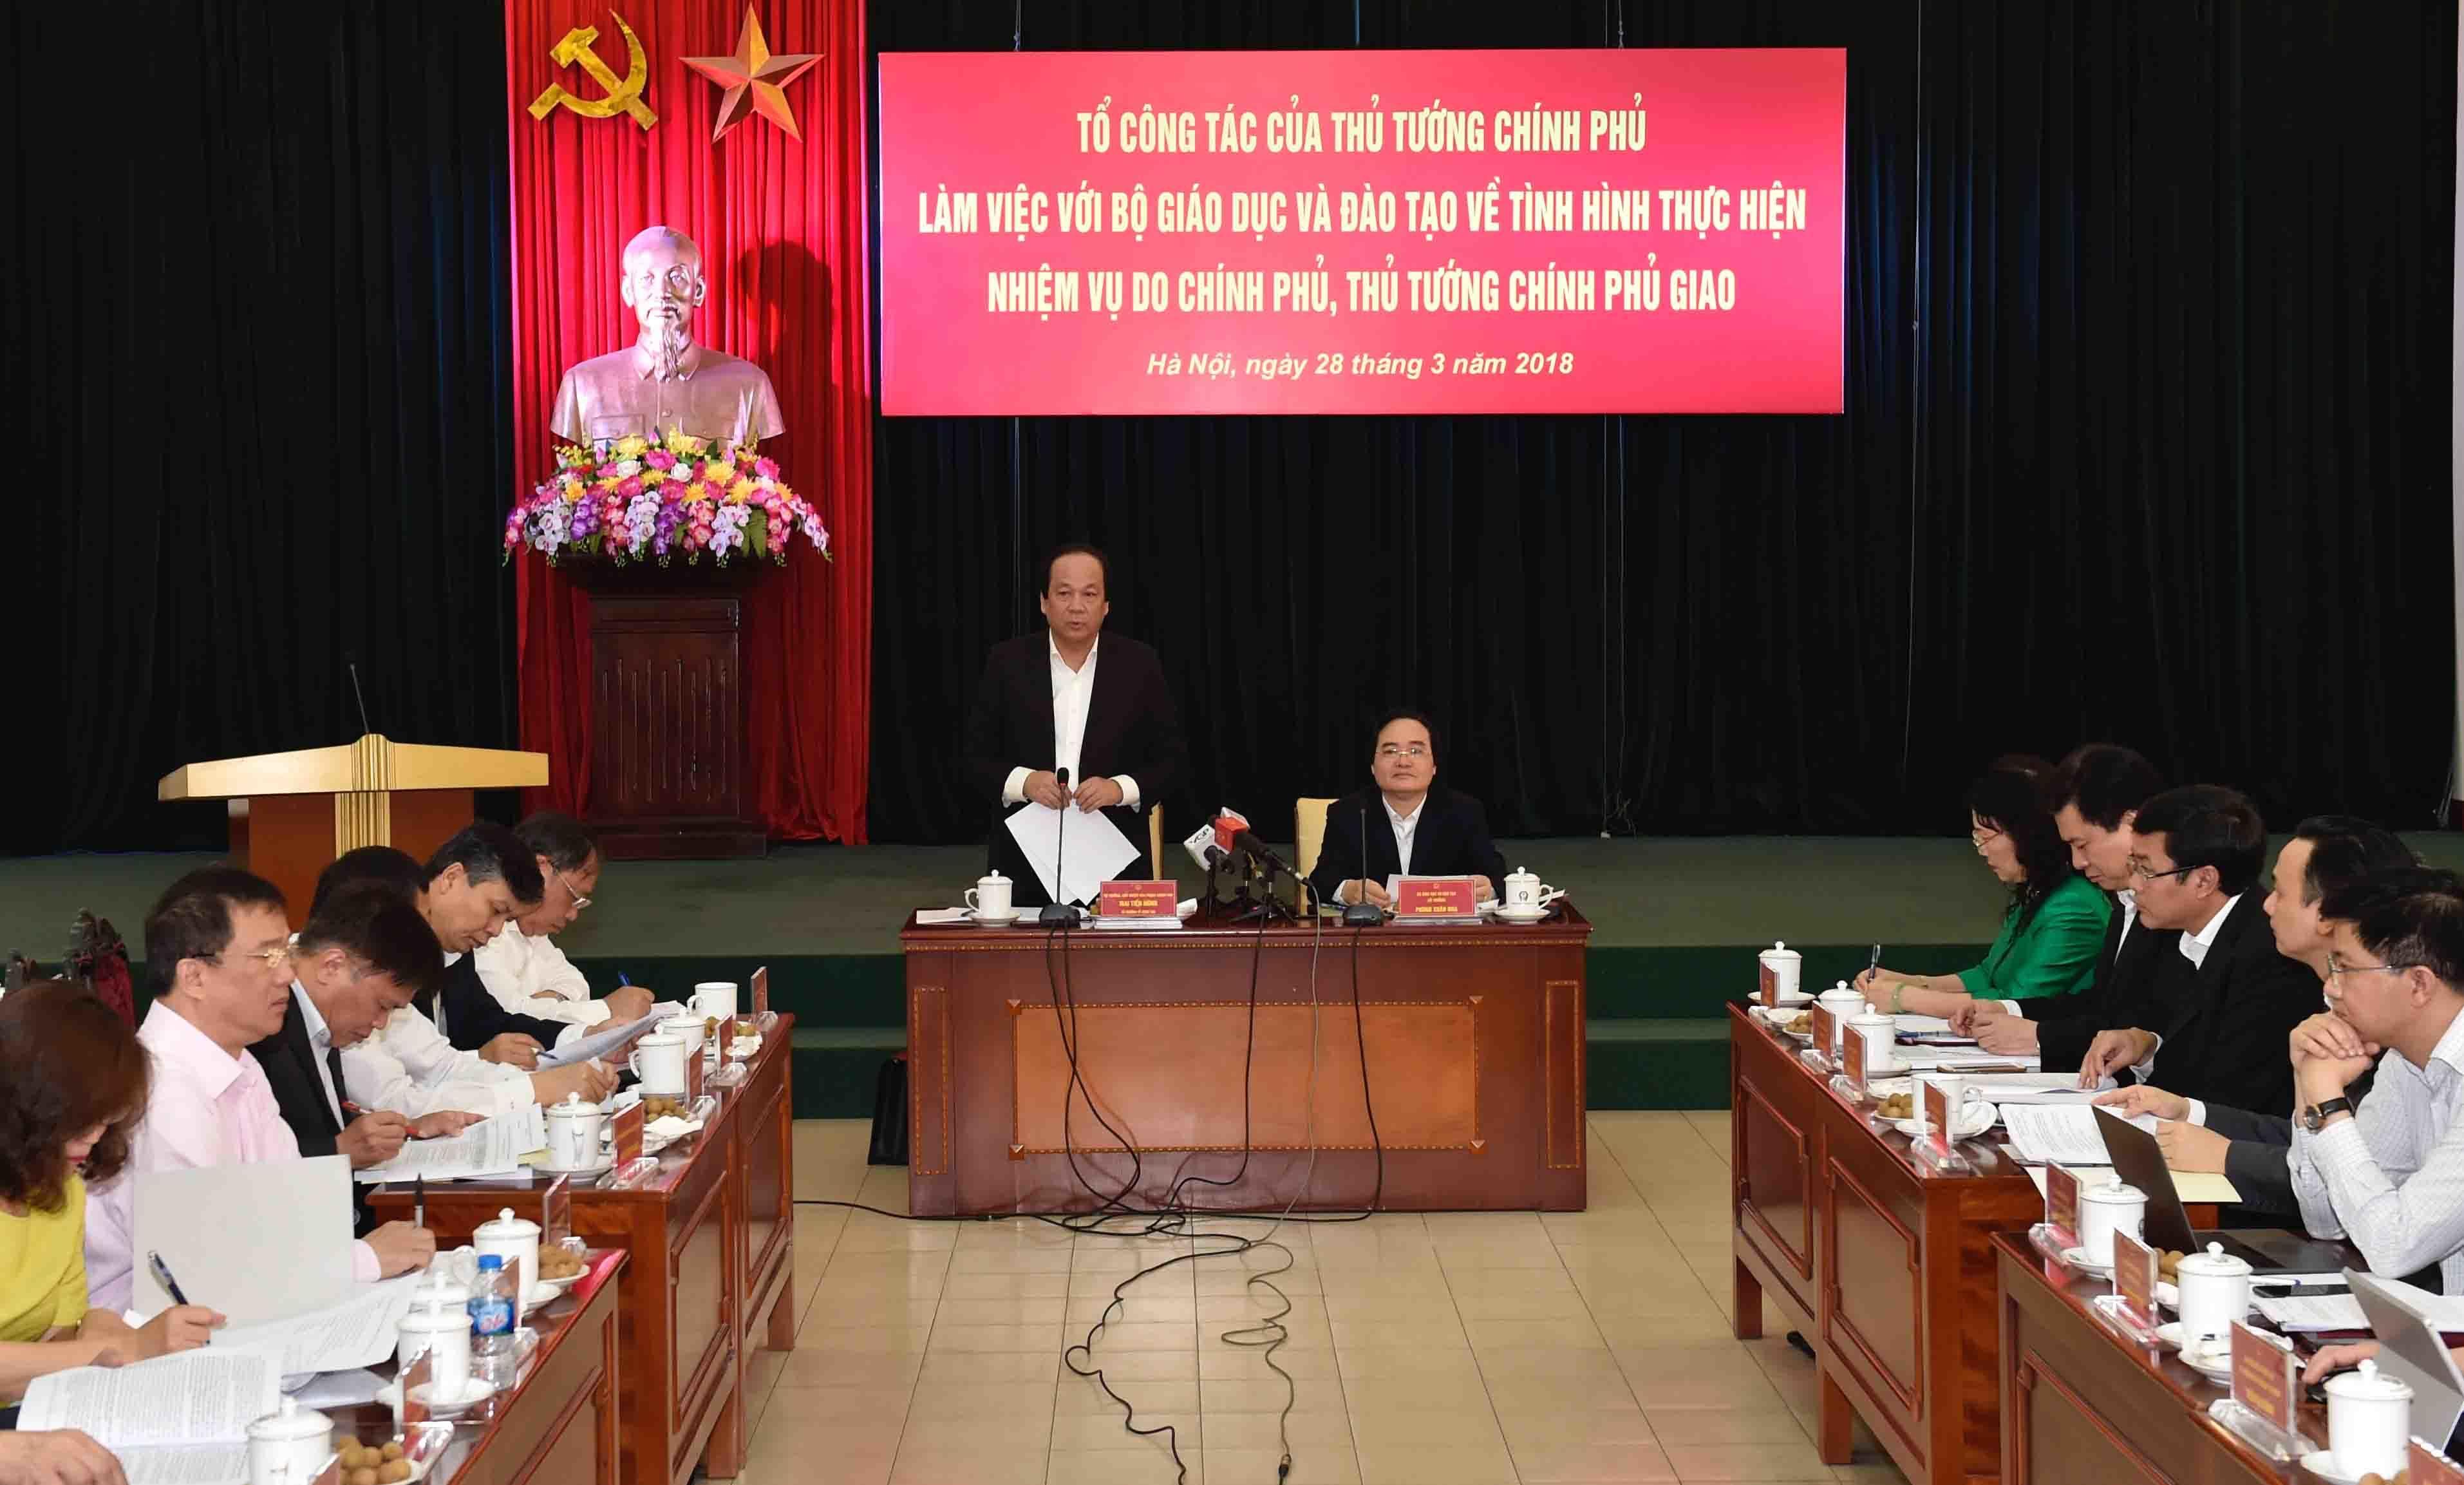 giáo viên quỳ,Bộ trưởng Giáo dục,Phùng Xuân Nhạ